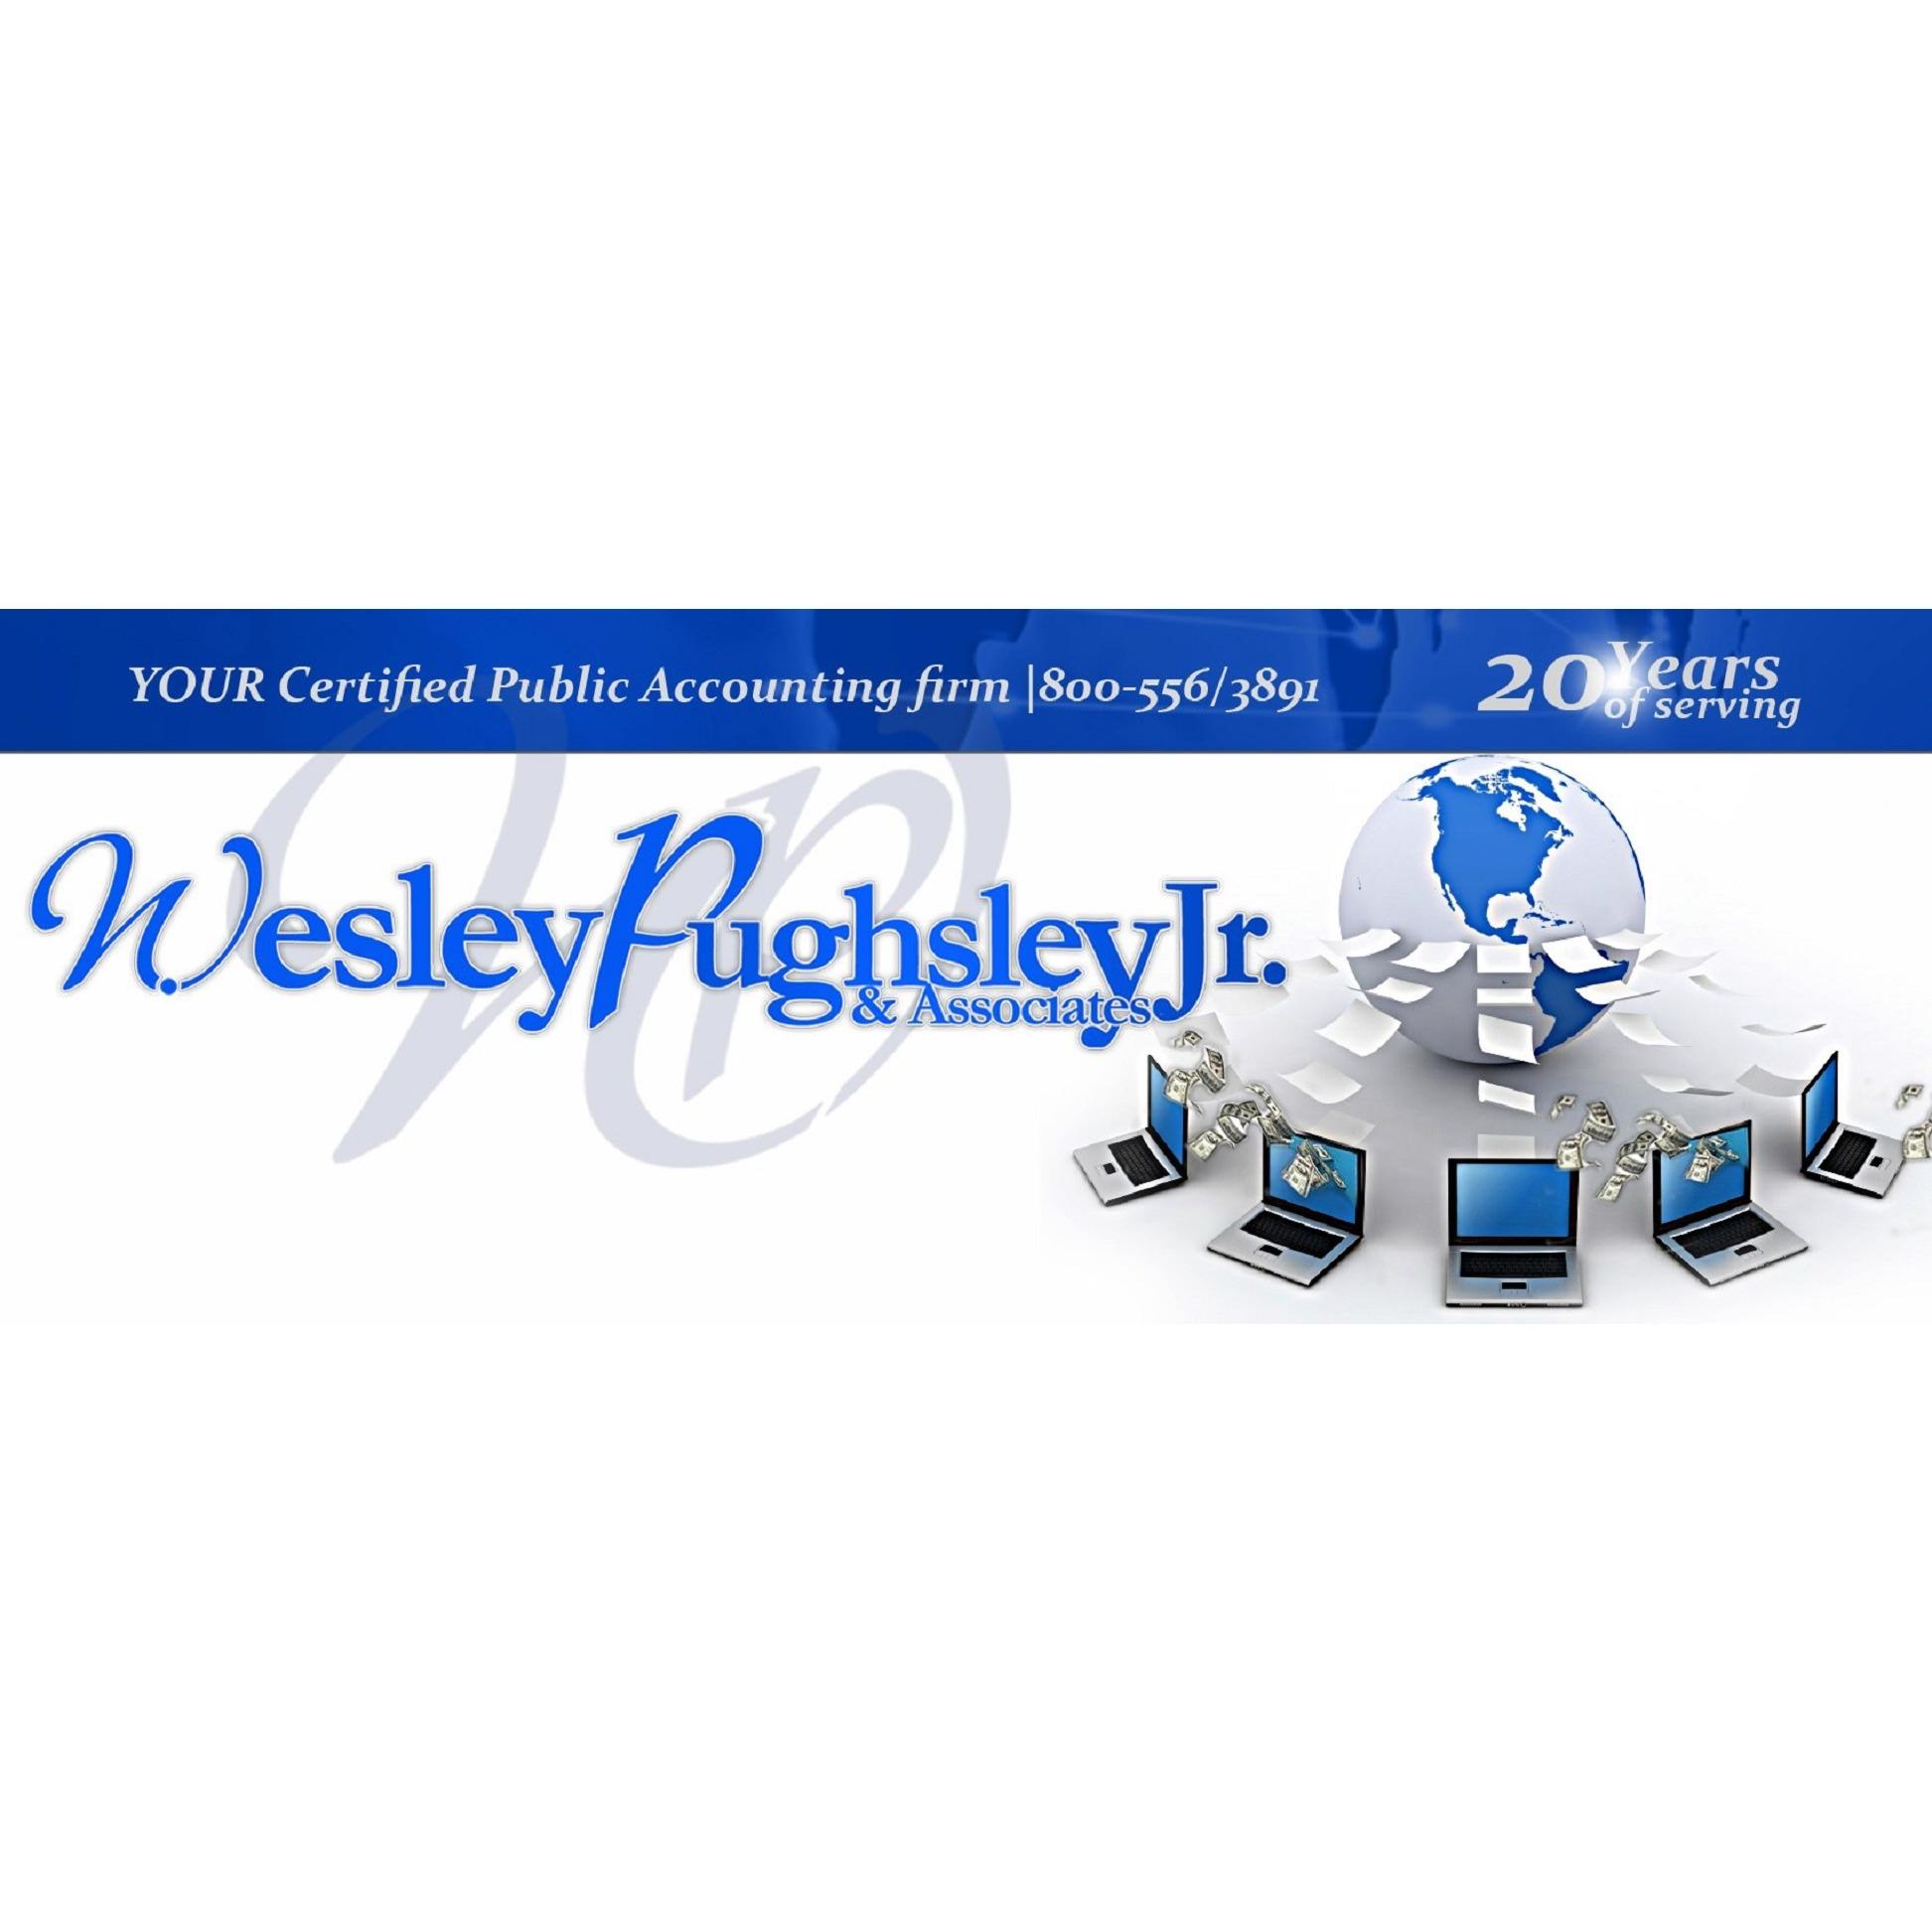 N. Wesley Pughsley Jr and Associates CPA